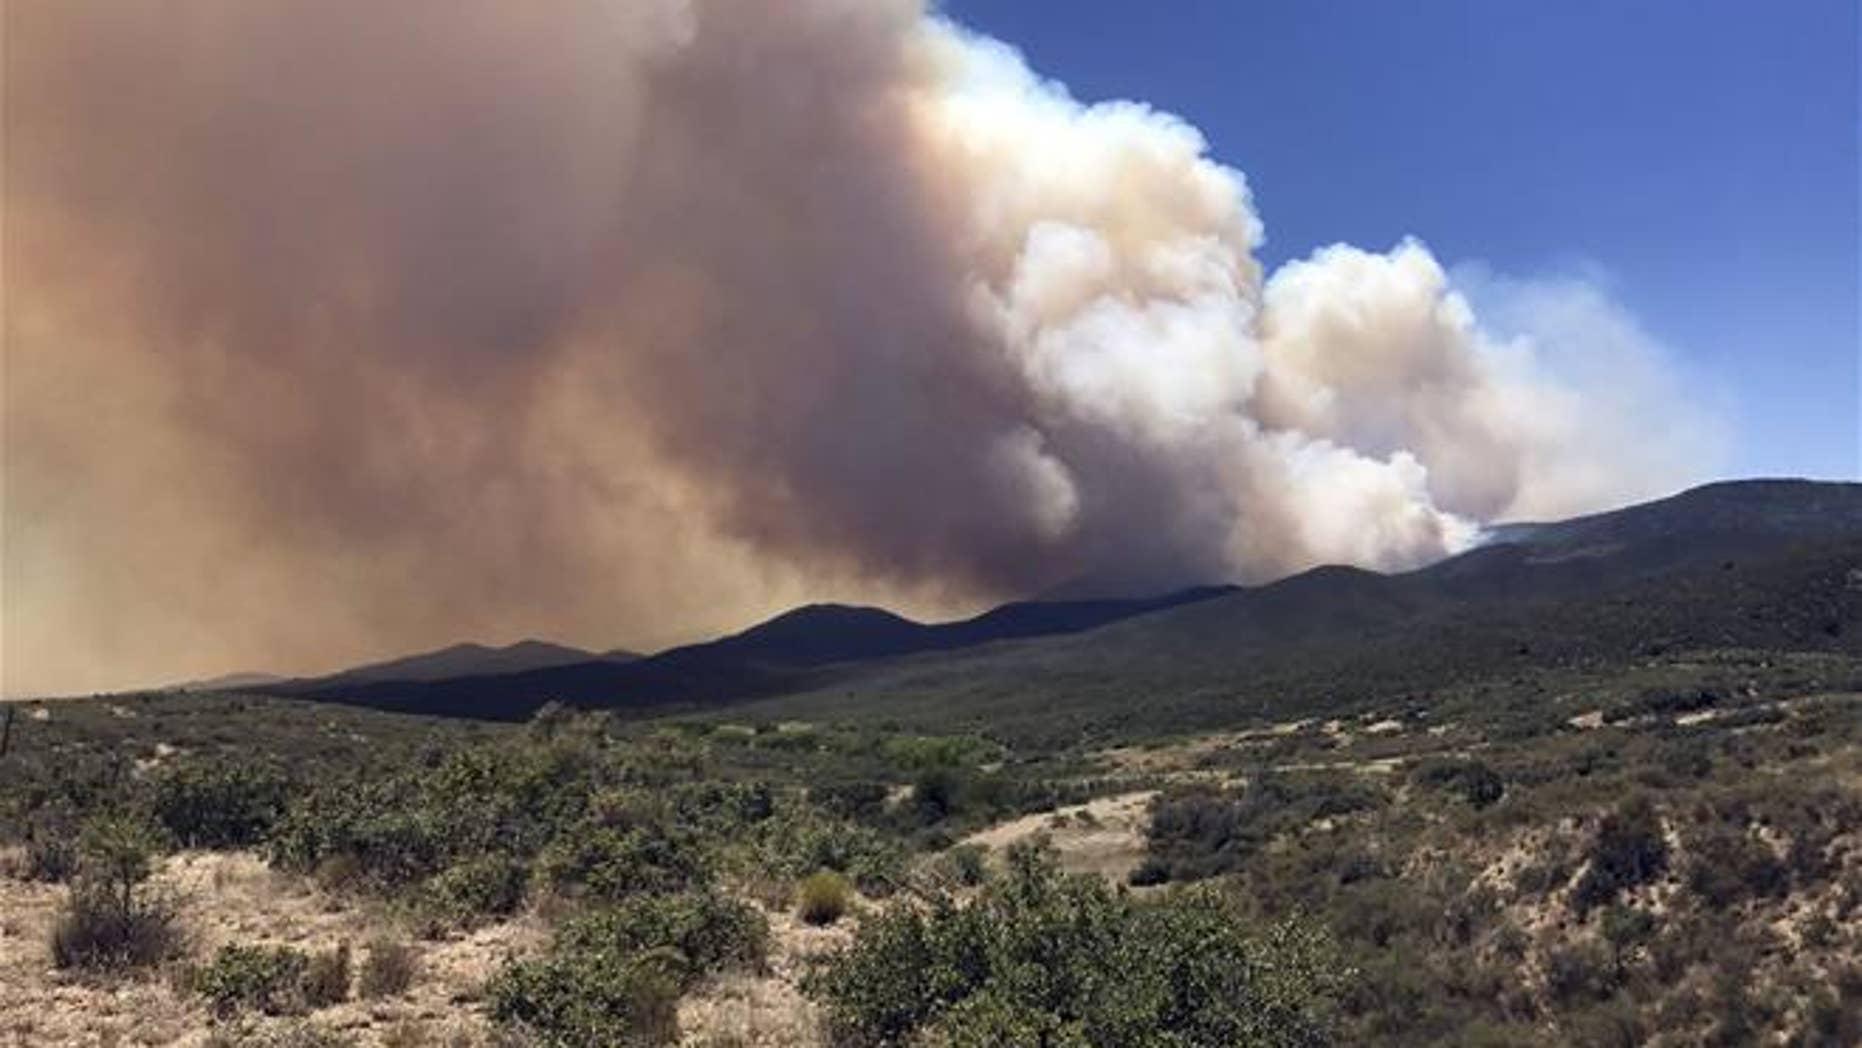 The Goodwin Fire rages near Prescott, Ariz.